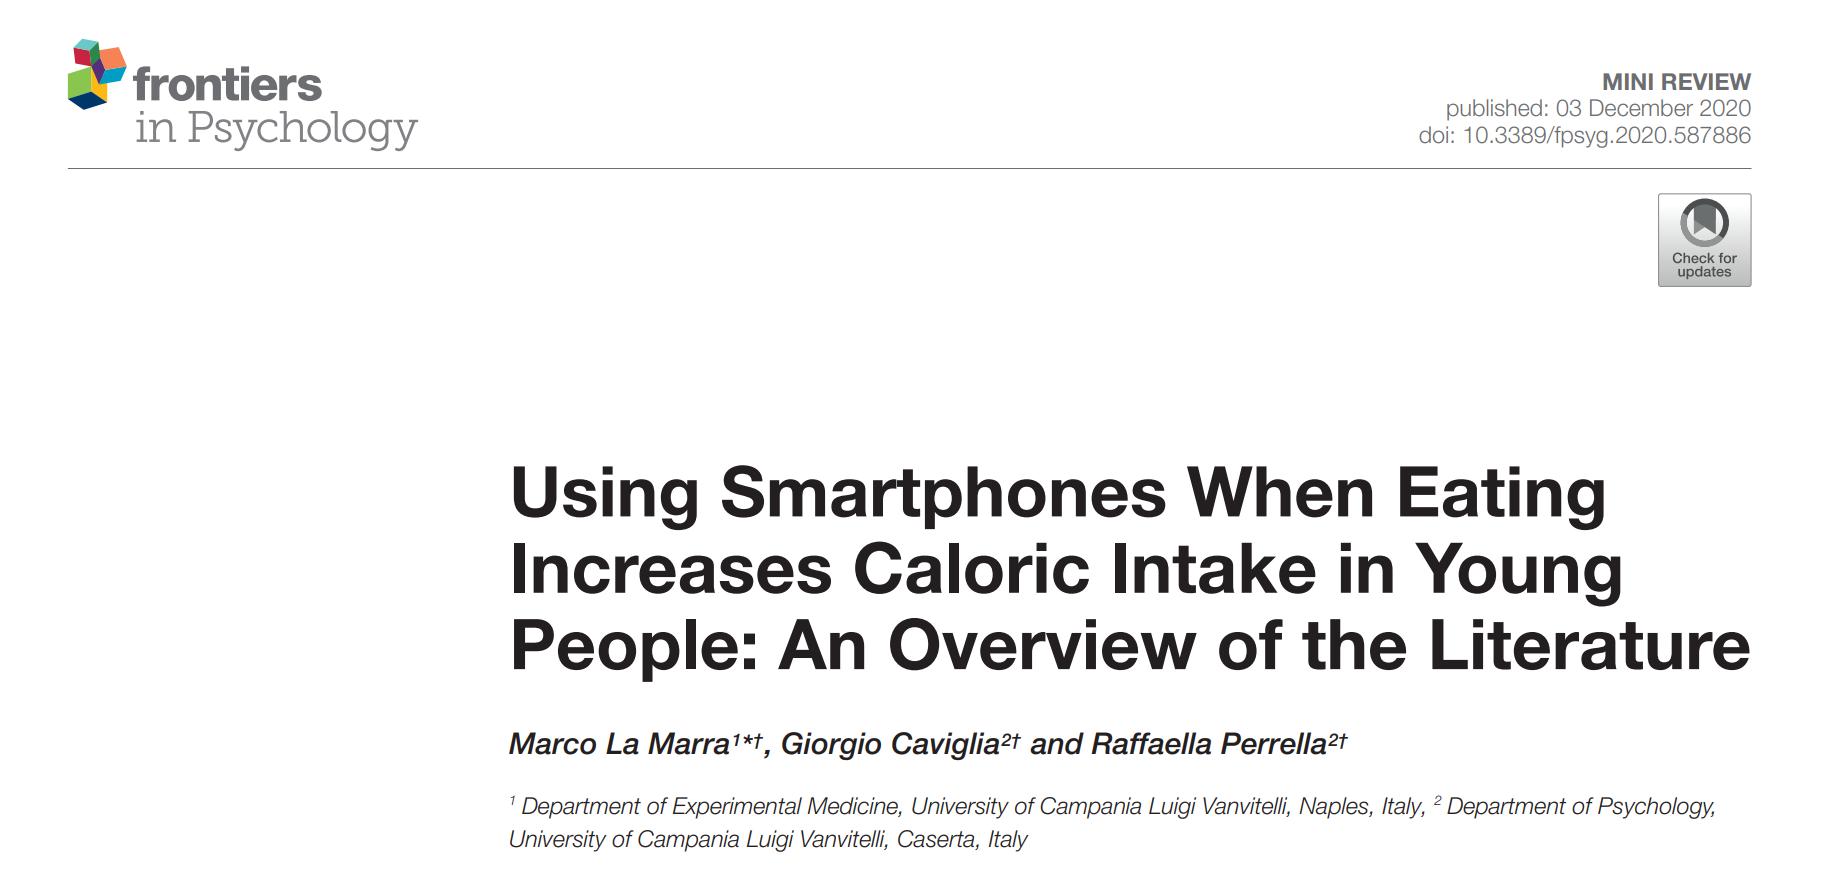 スマートフォンを使った「ながら食べ」はカロリー摂取を増やす。_b0112009_18472613.png